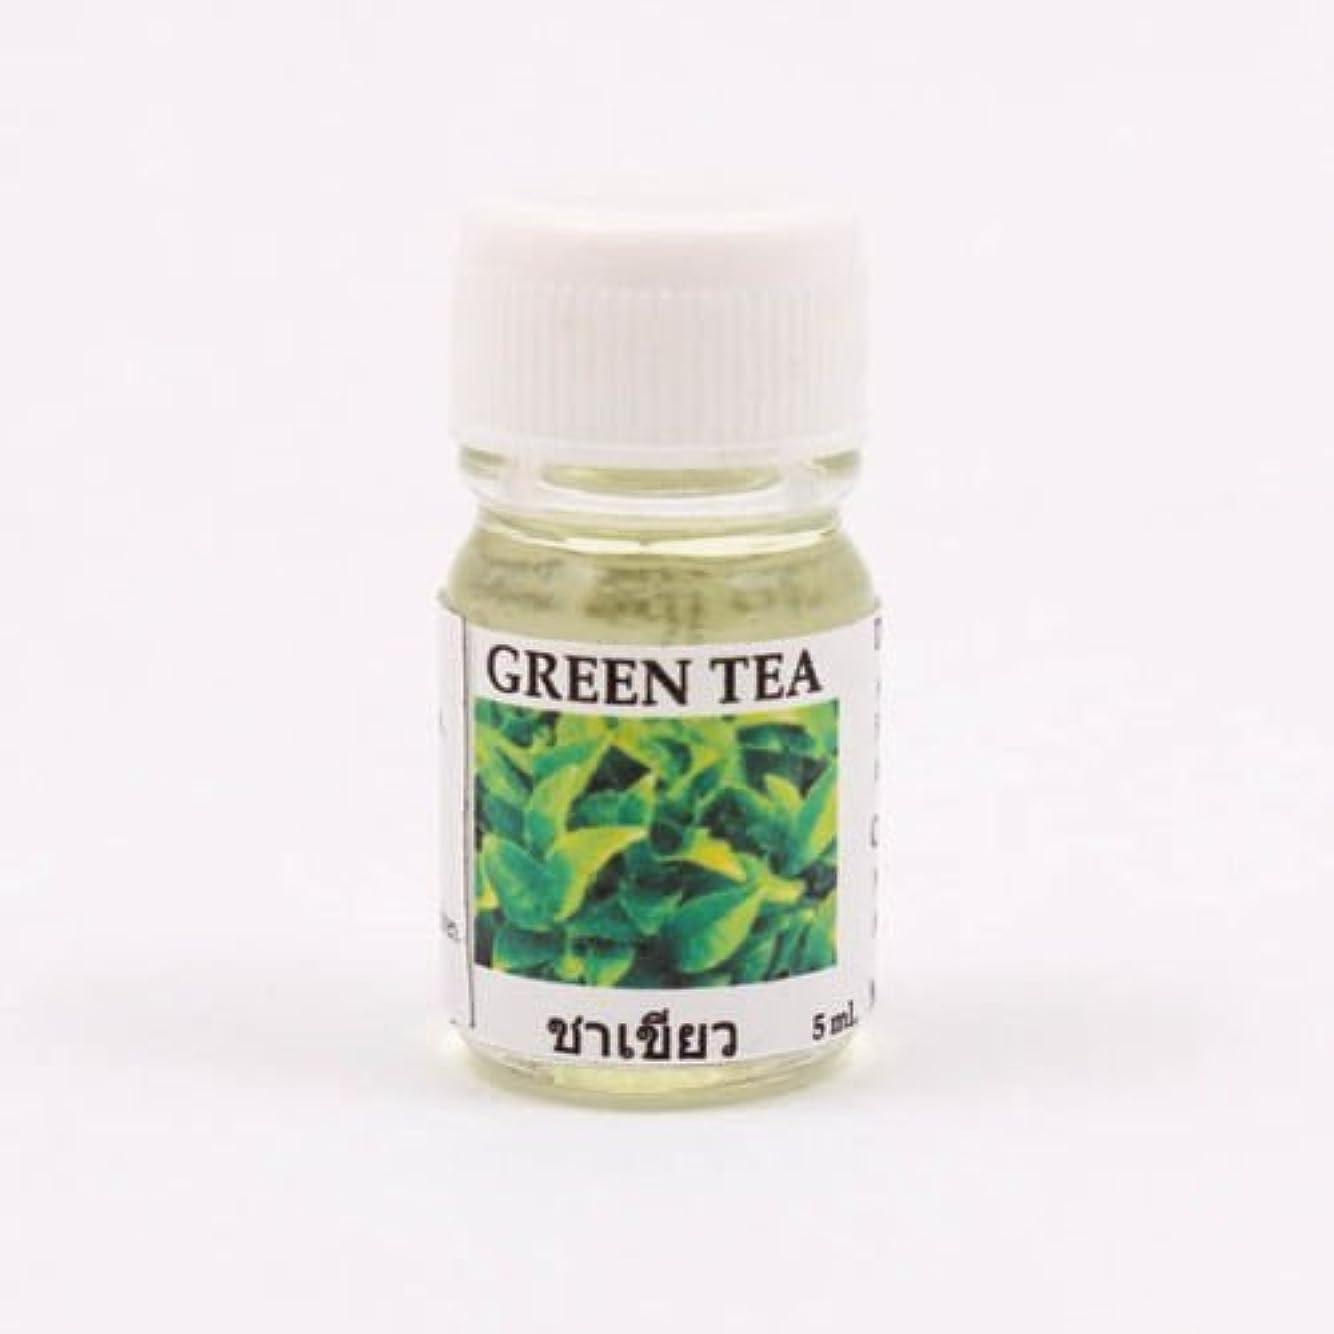 蓮ポインタ不十分な6X Green Tea Aroma Fragrance Essential Oil 5ML cc Diffuser Burner Therapy